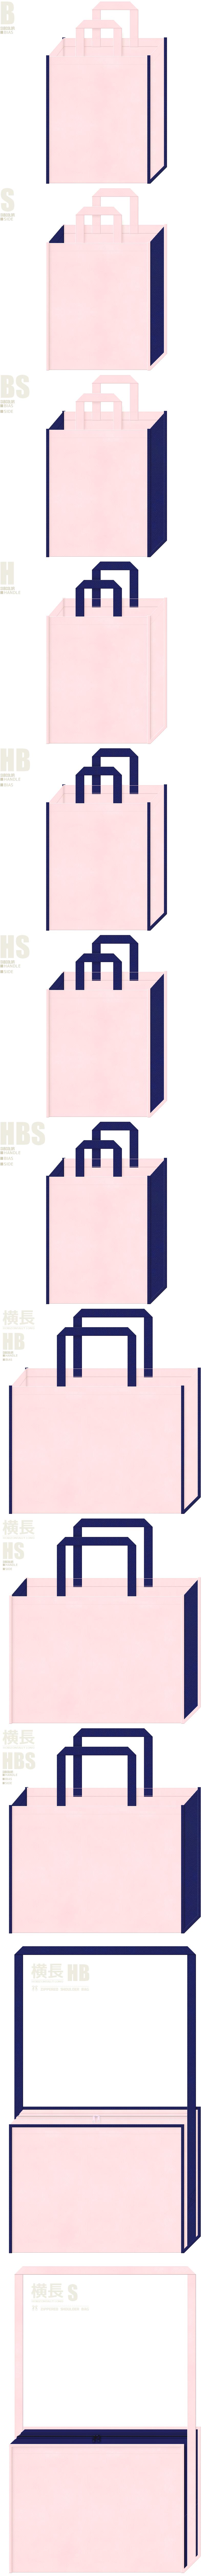 学校・オープンキャンパスにお奨めの、桜色と明るめの紺色、7パターンの不織布トートバッグ配色デザイン例。